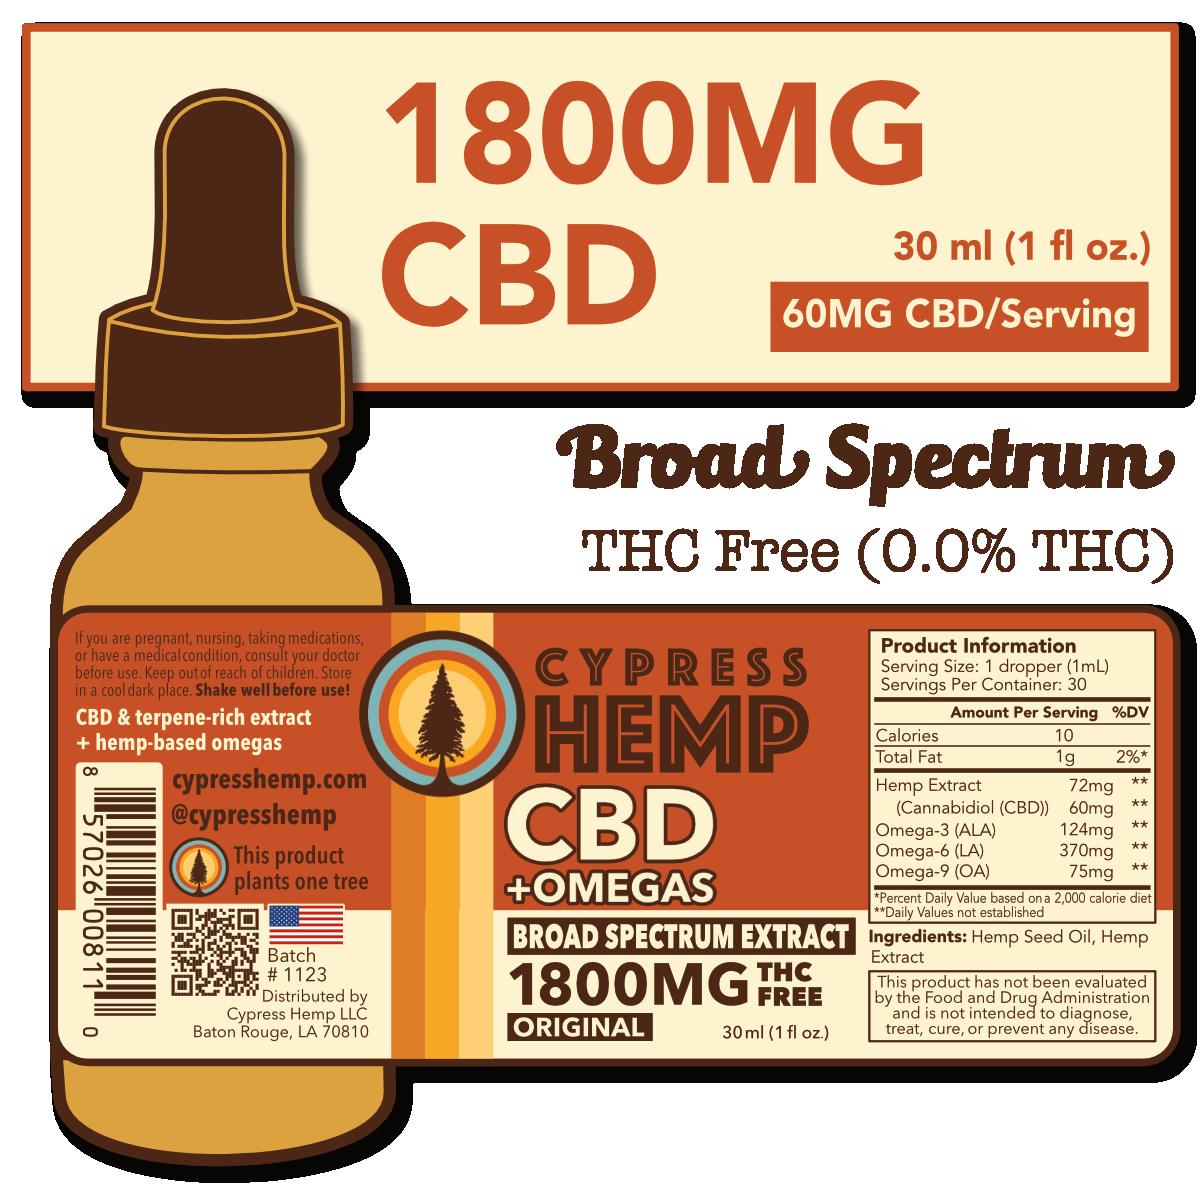 Cypress Hemp Broad Spectrum 1800mg CBD Drops